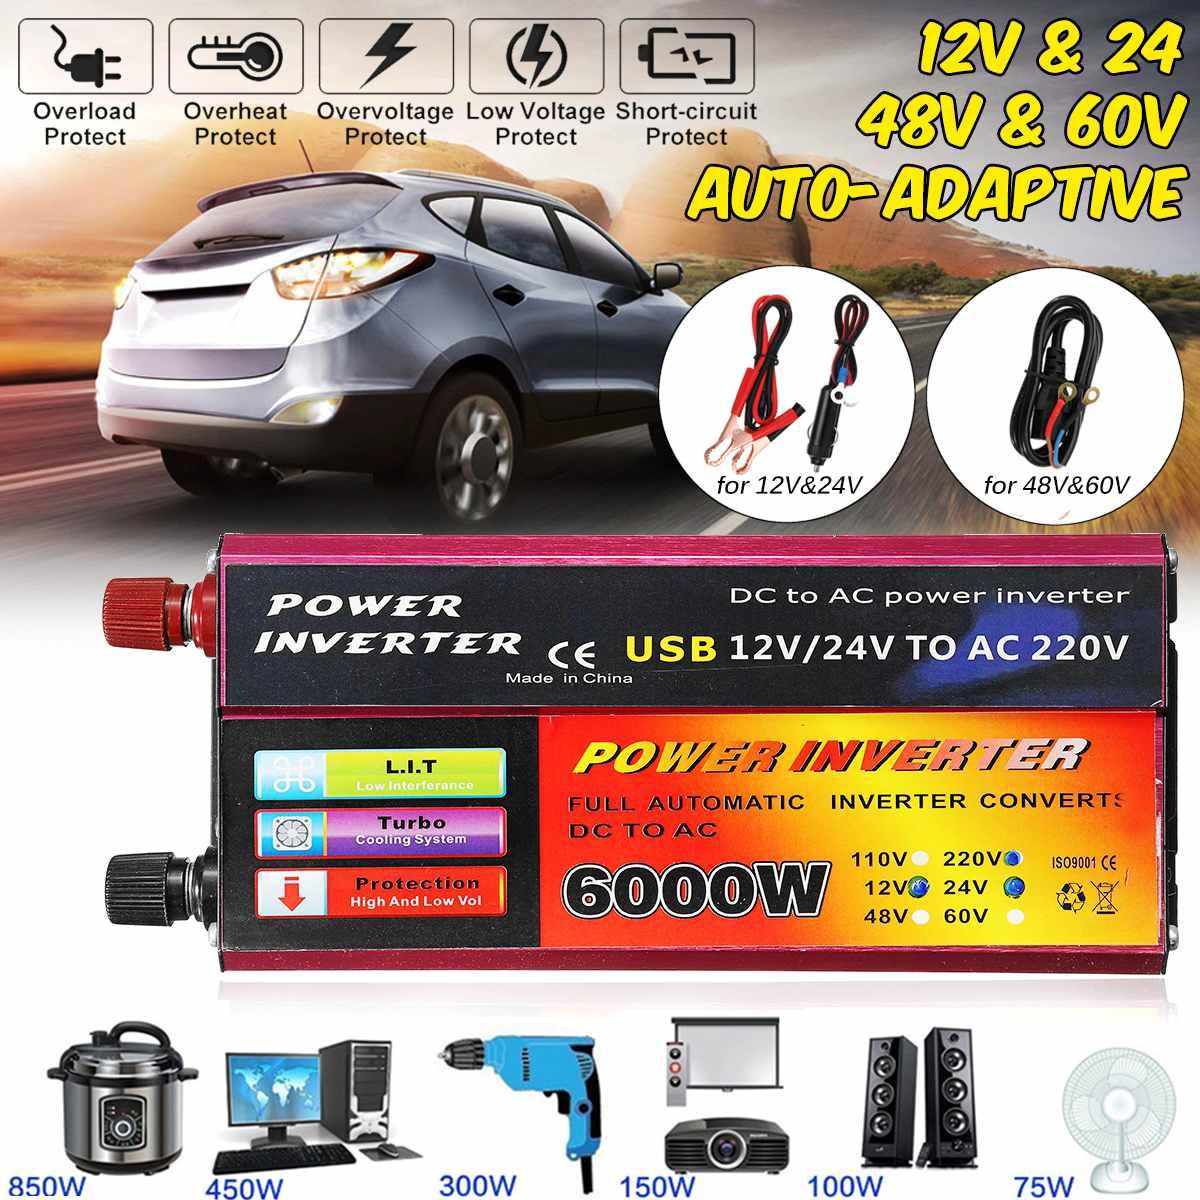 Solar Inverter 12V 220V 1000W 6000W Pe ak Voltage Converter Transformer DC 12V&24V 48V&60V To AC 110V/220V Auto Adapt InversorSolar Inverter 12V 220V 1000W 6000W Pe ak Voltage Converter Transformer DC 12V&24V 48V&60V To AC 110V/220V Auto Adapt Inversor